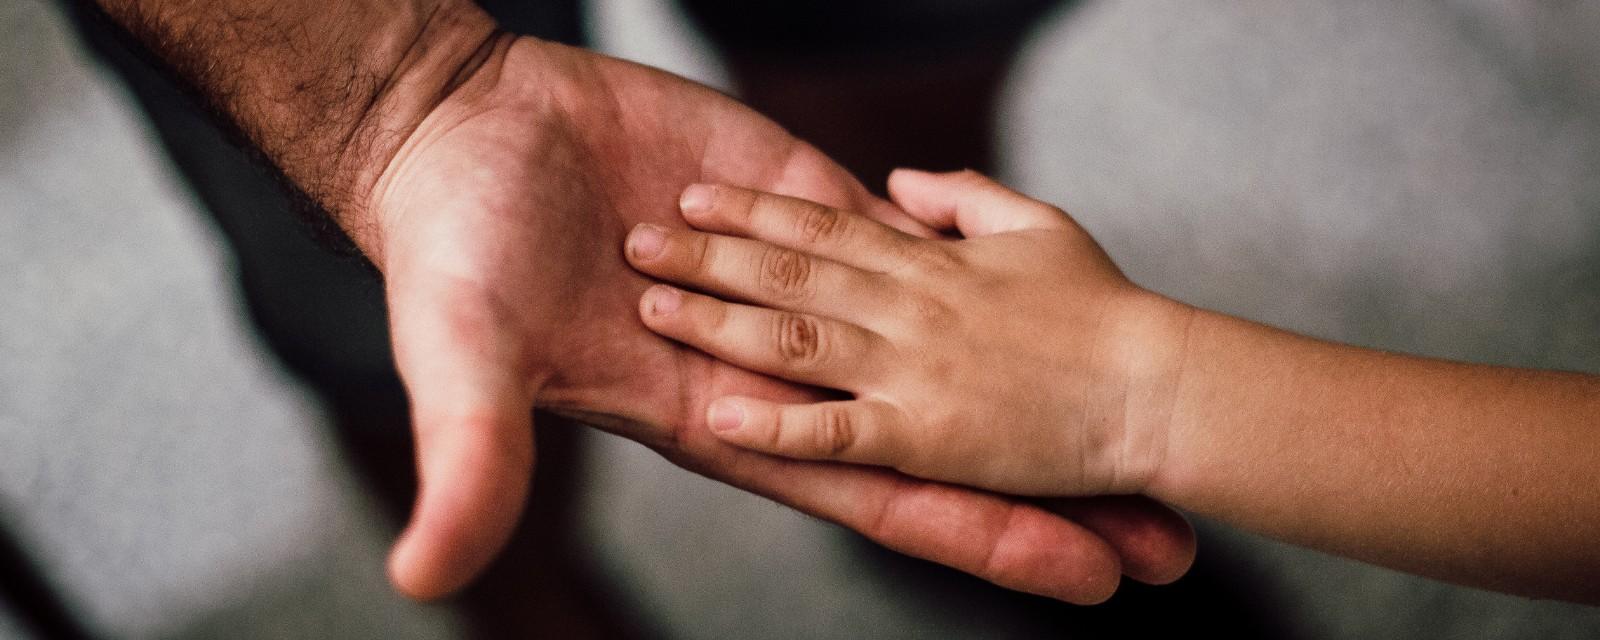 <h2>Samen tegen armoede</h2><div>Iedereen heeft recht op een menswaardig bestaan.</div>